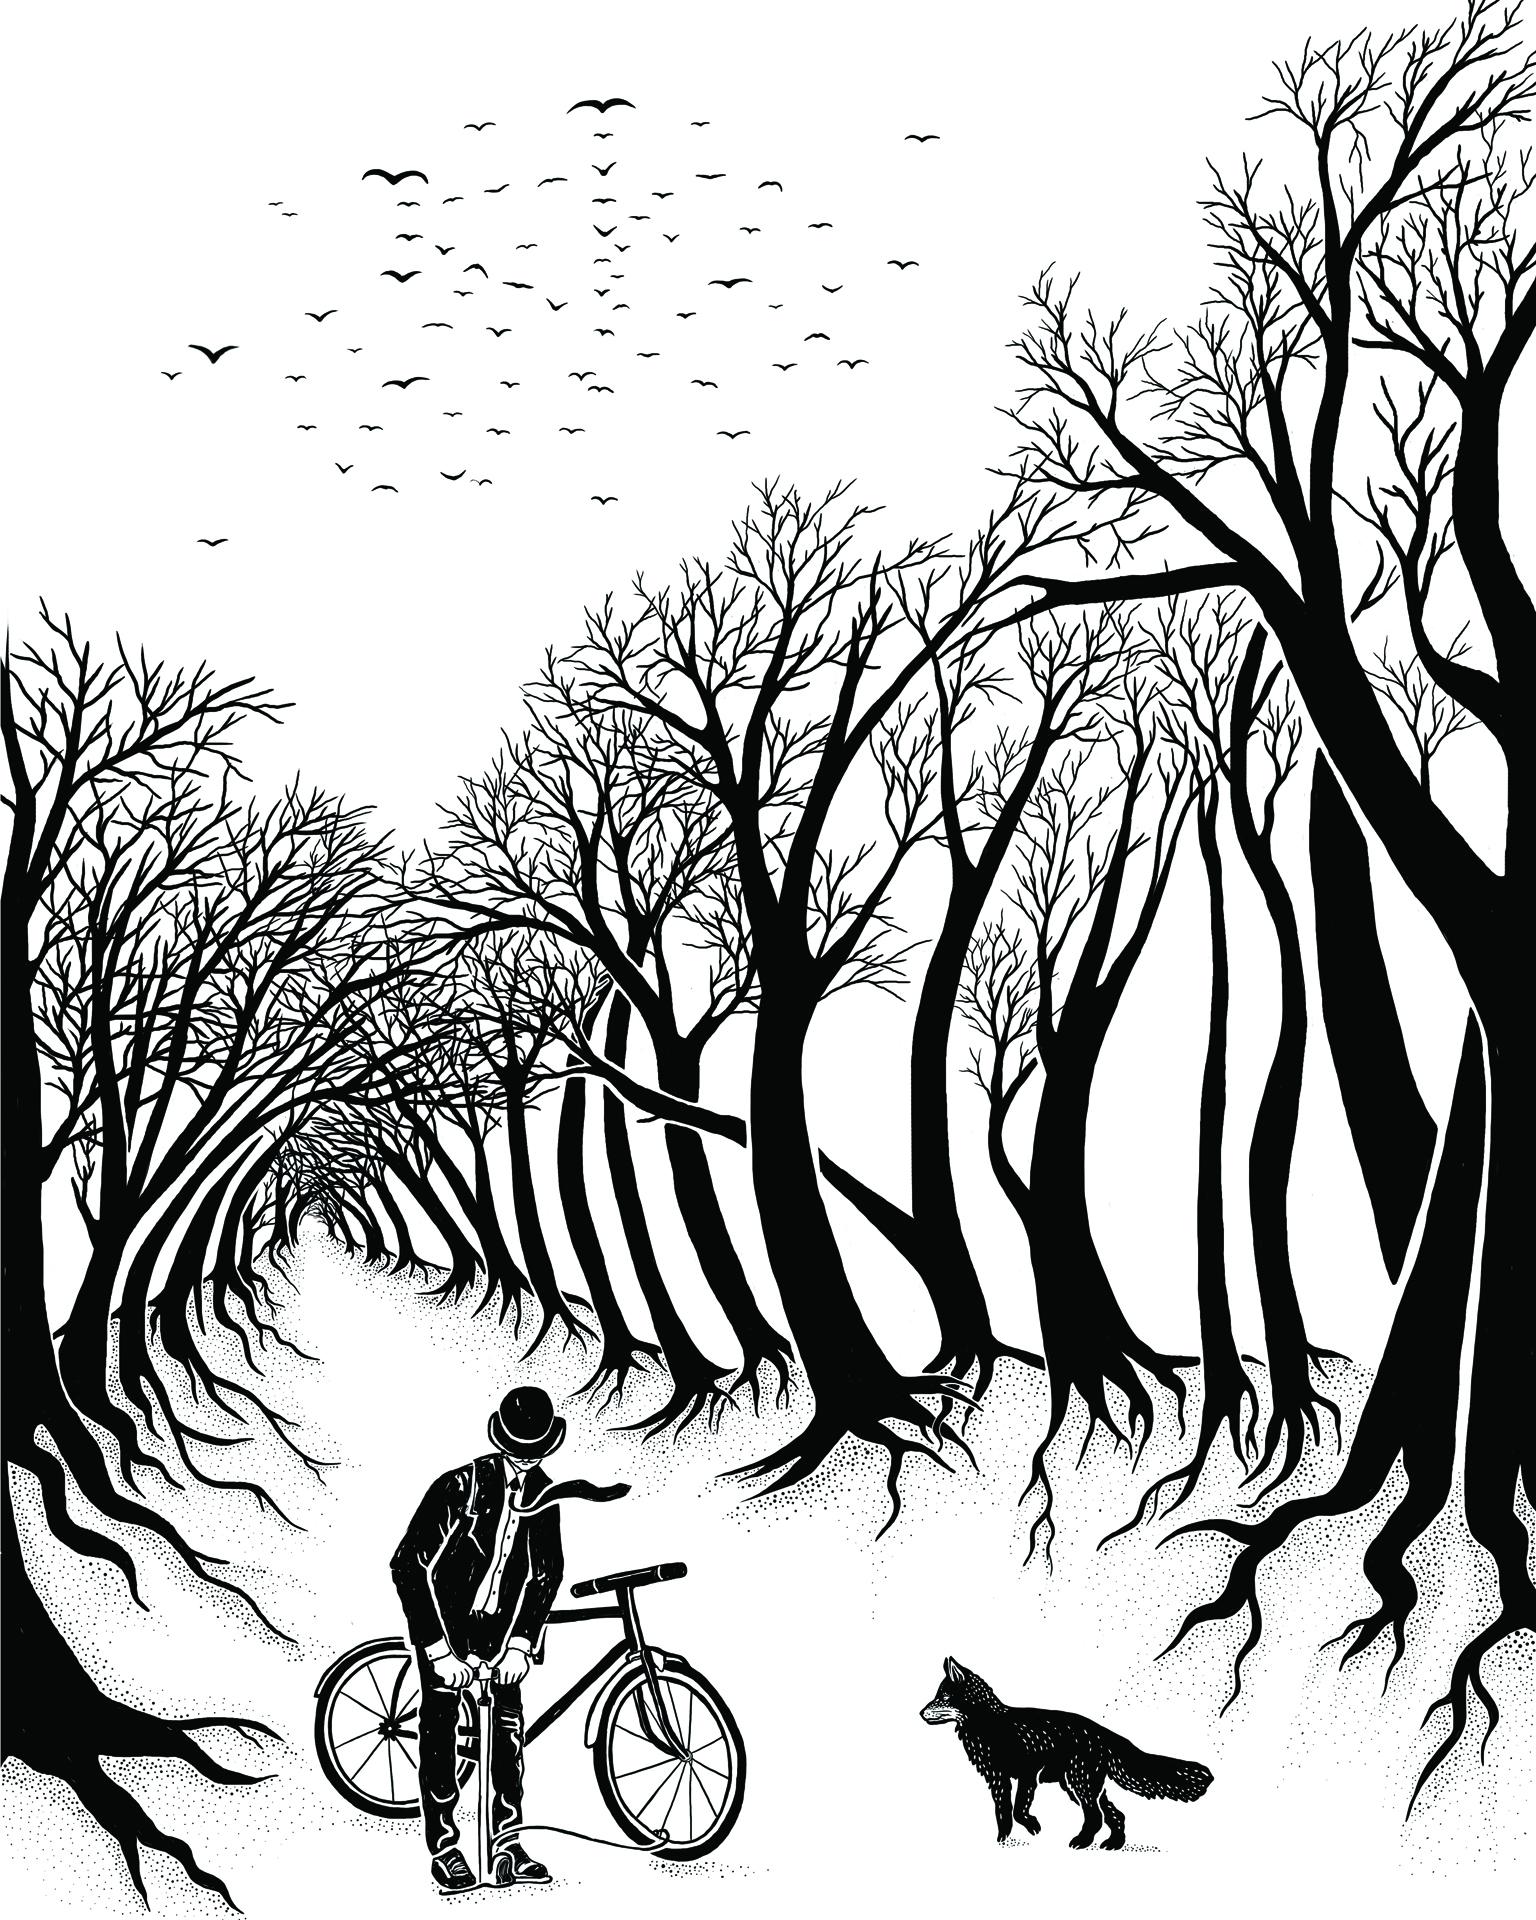 Cyklista ll.